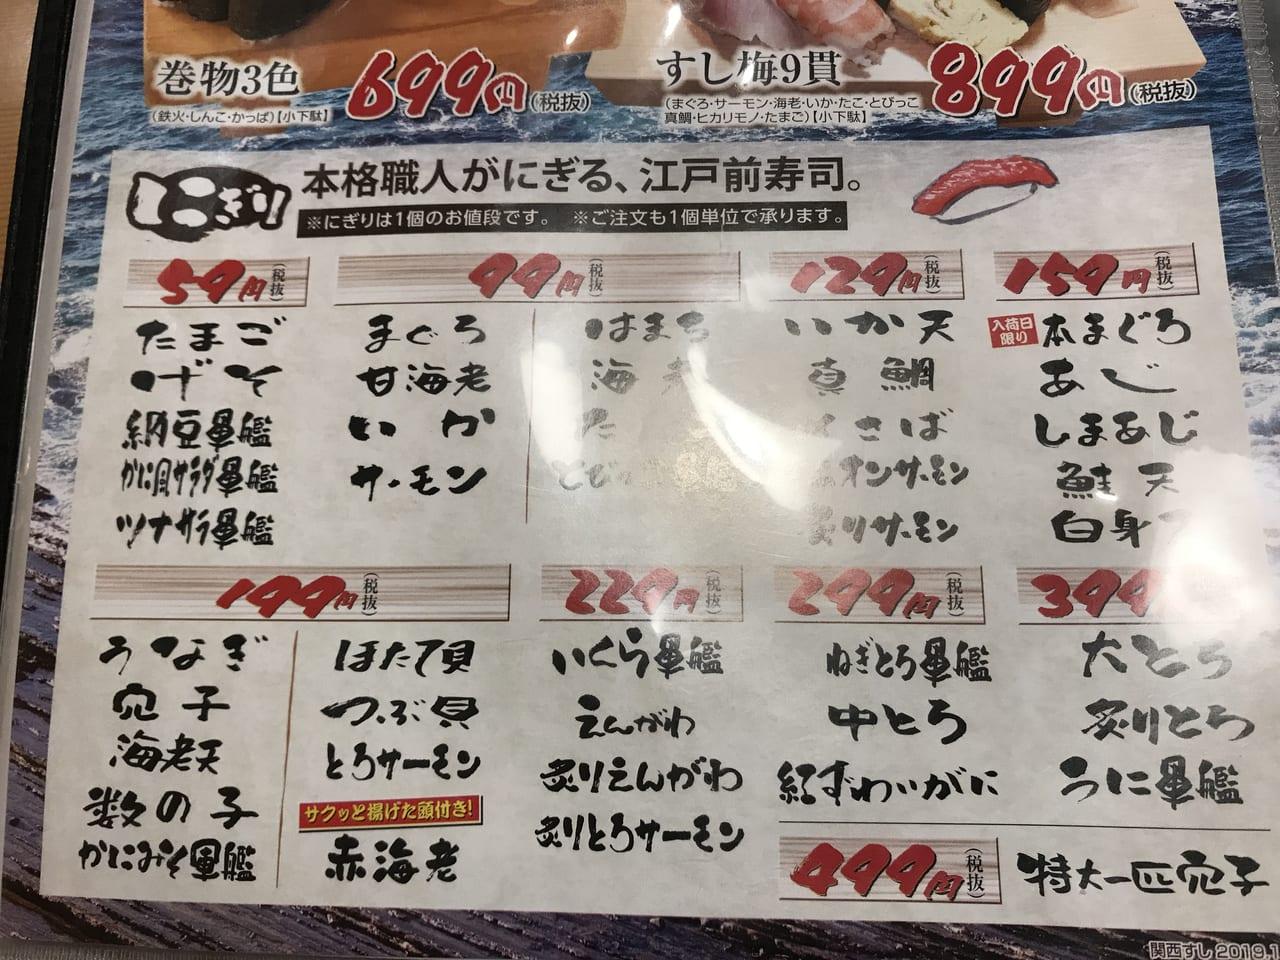 寿司 メニュー 屋台 や台ずし 大津駅前町